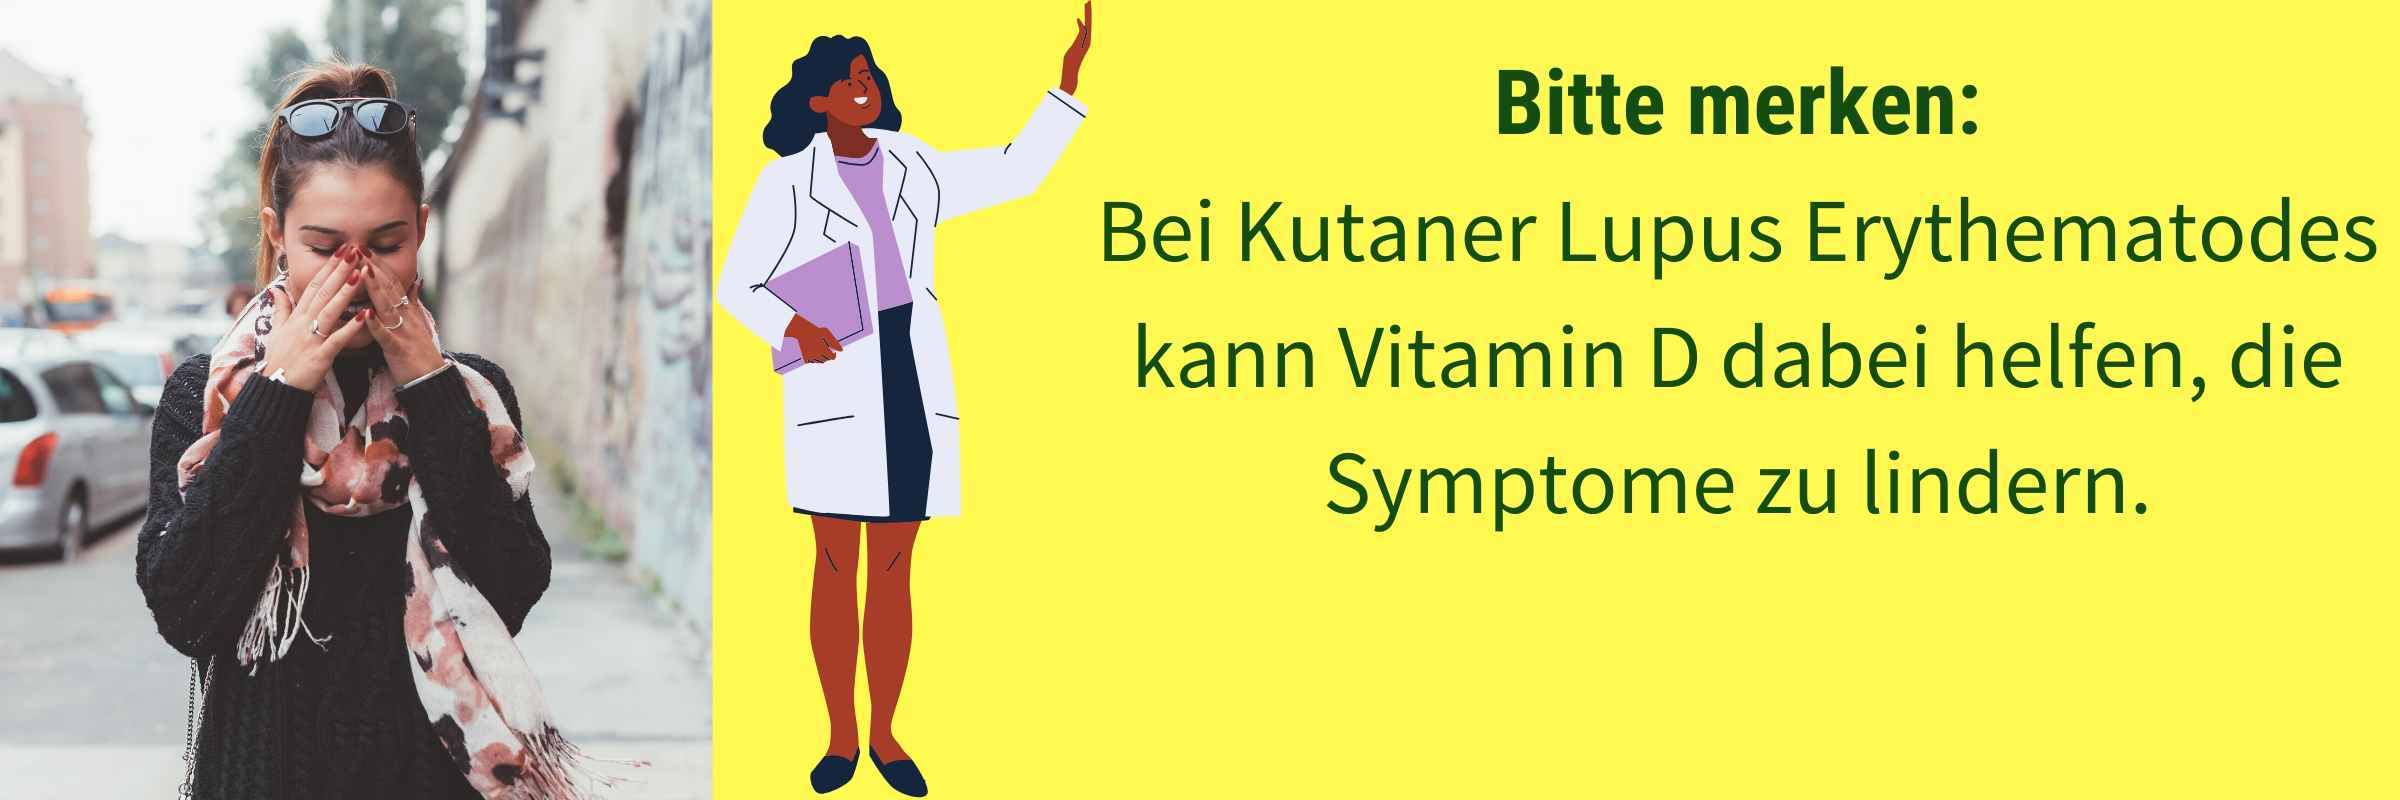 Vitamin D Kutaner Lupus Erythematodes